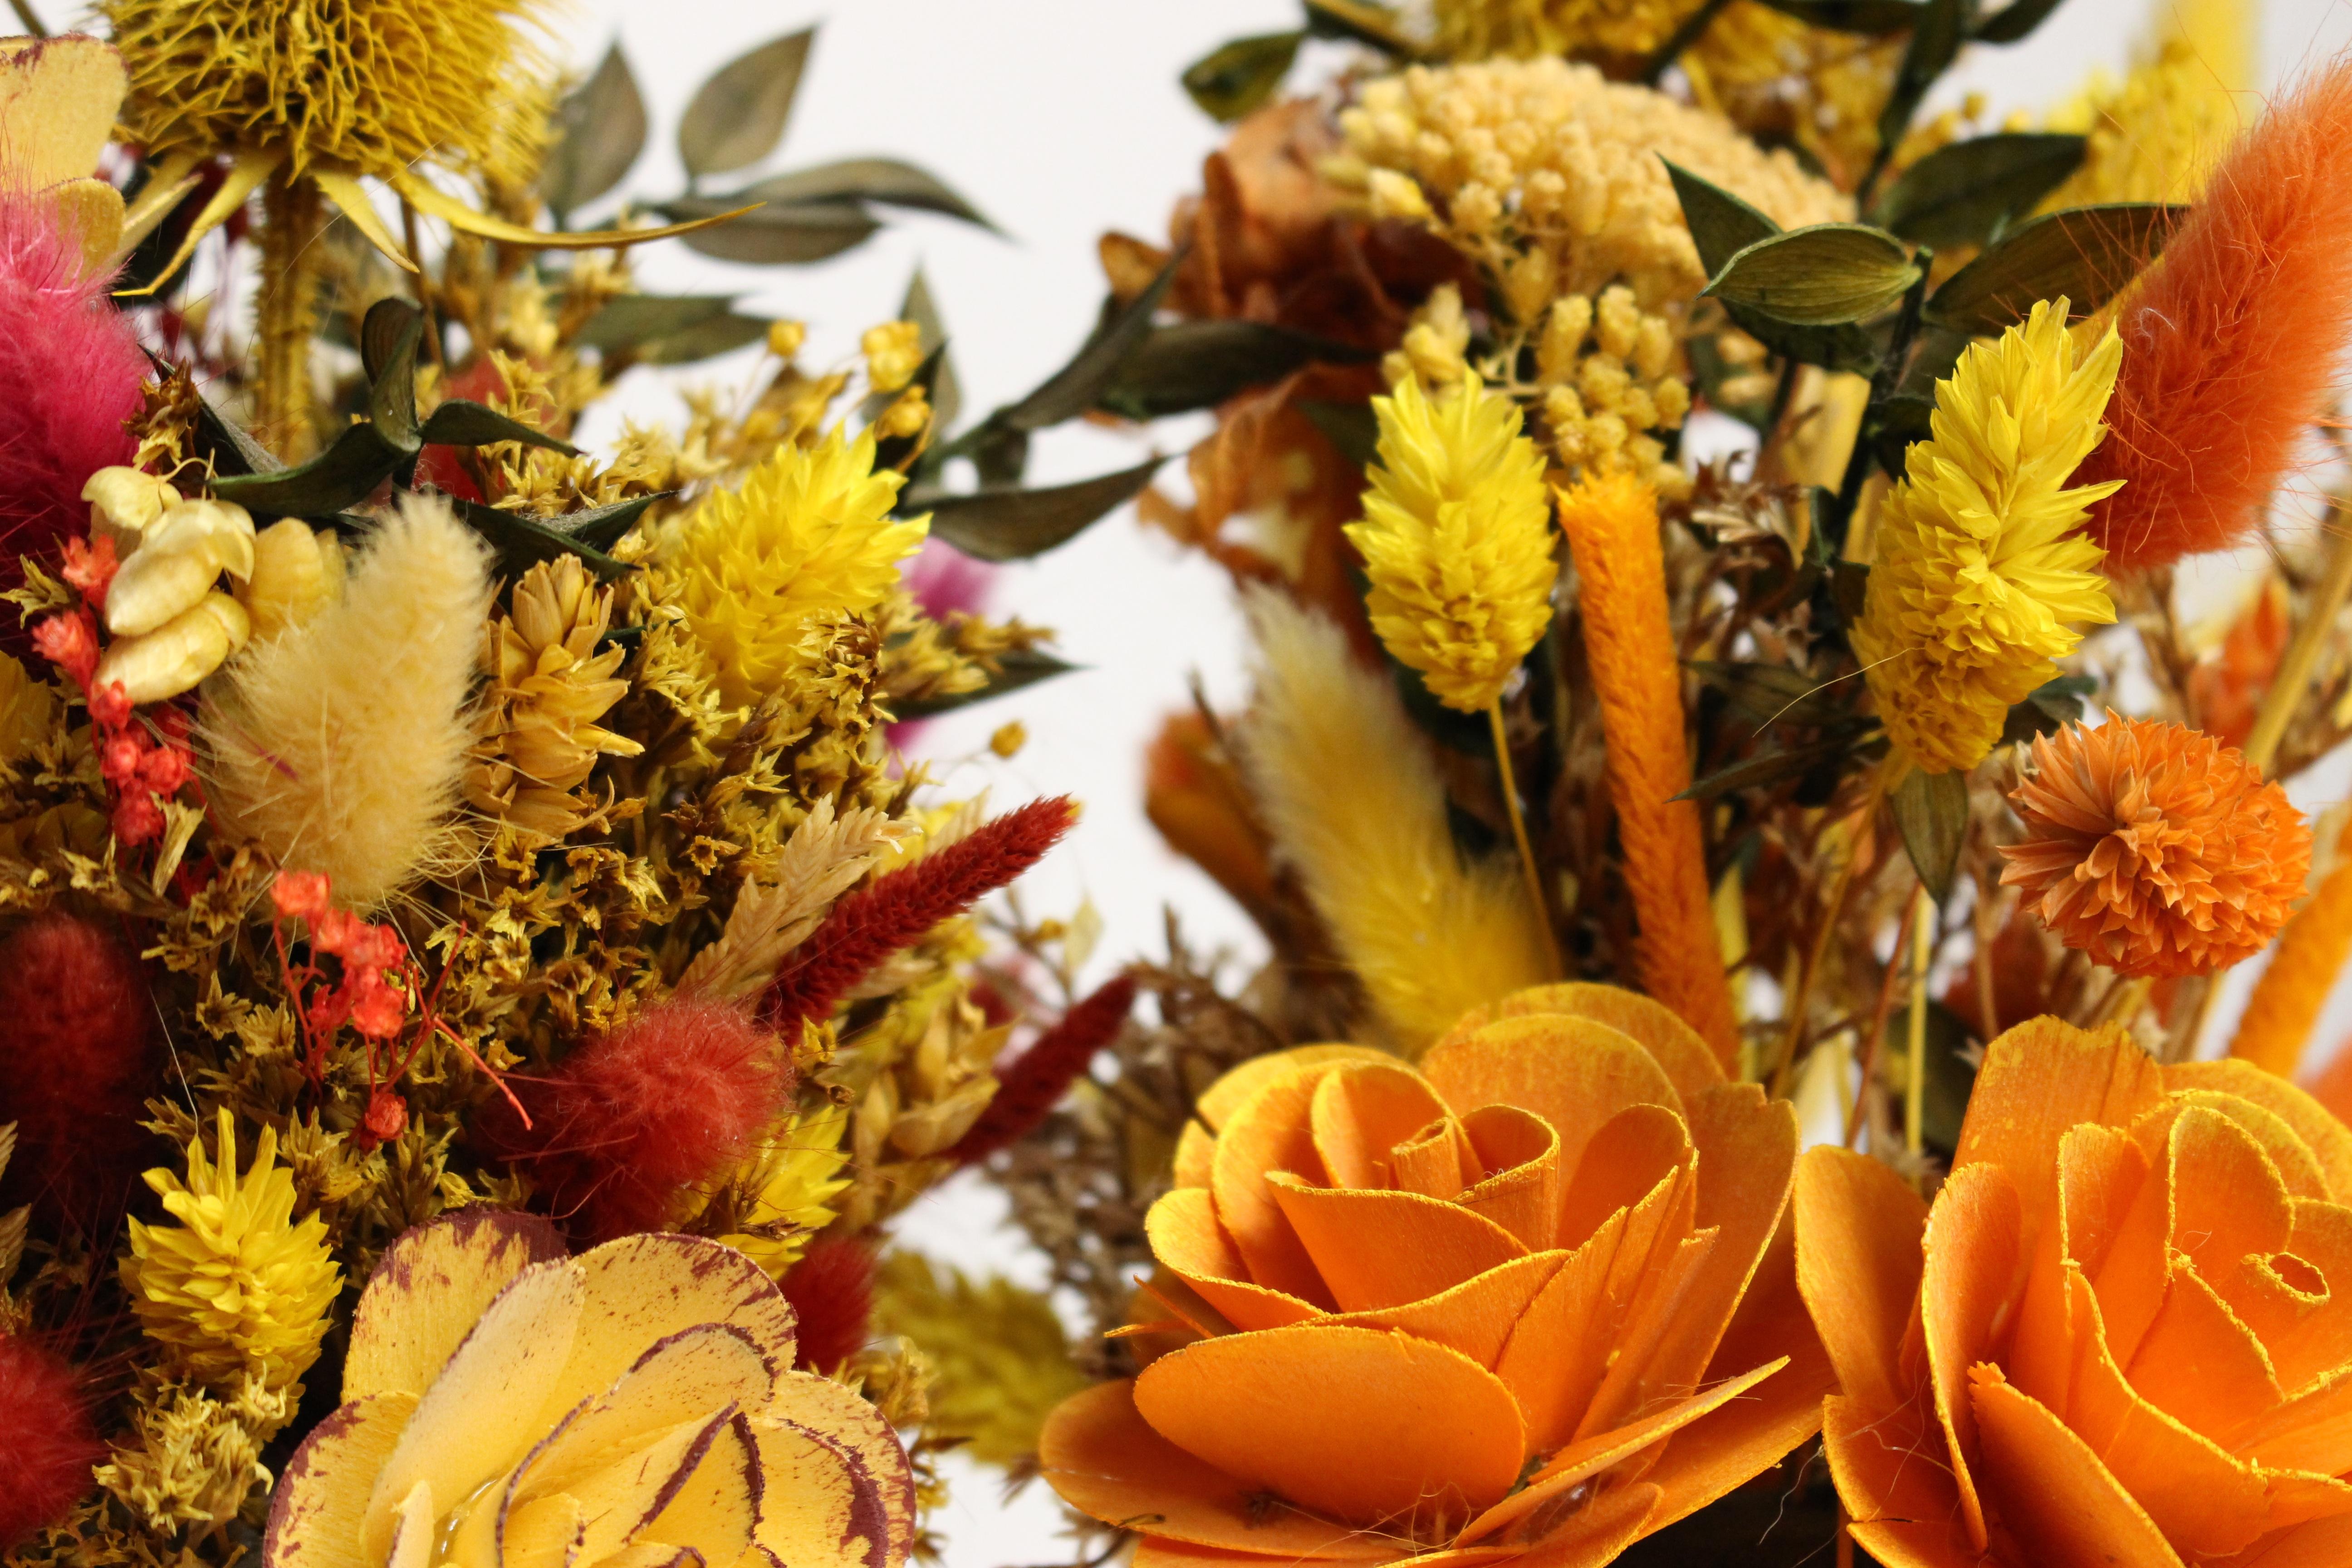 осенние фото с цветами просторам